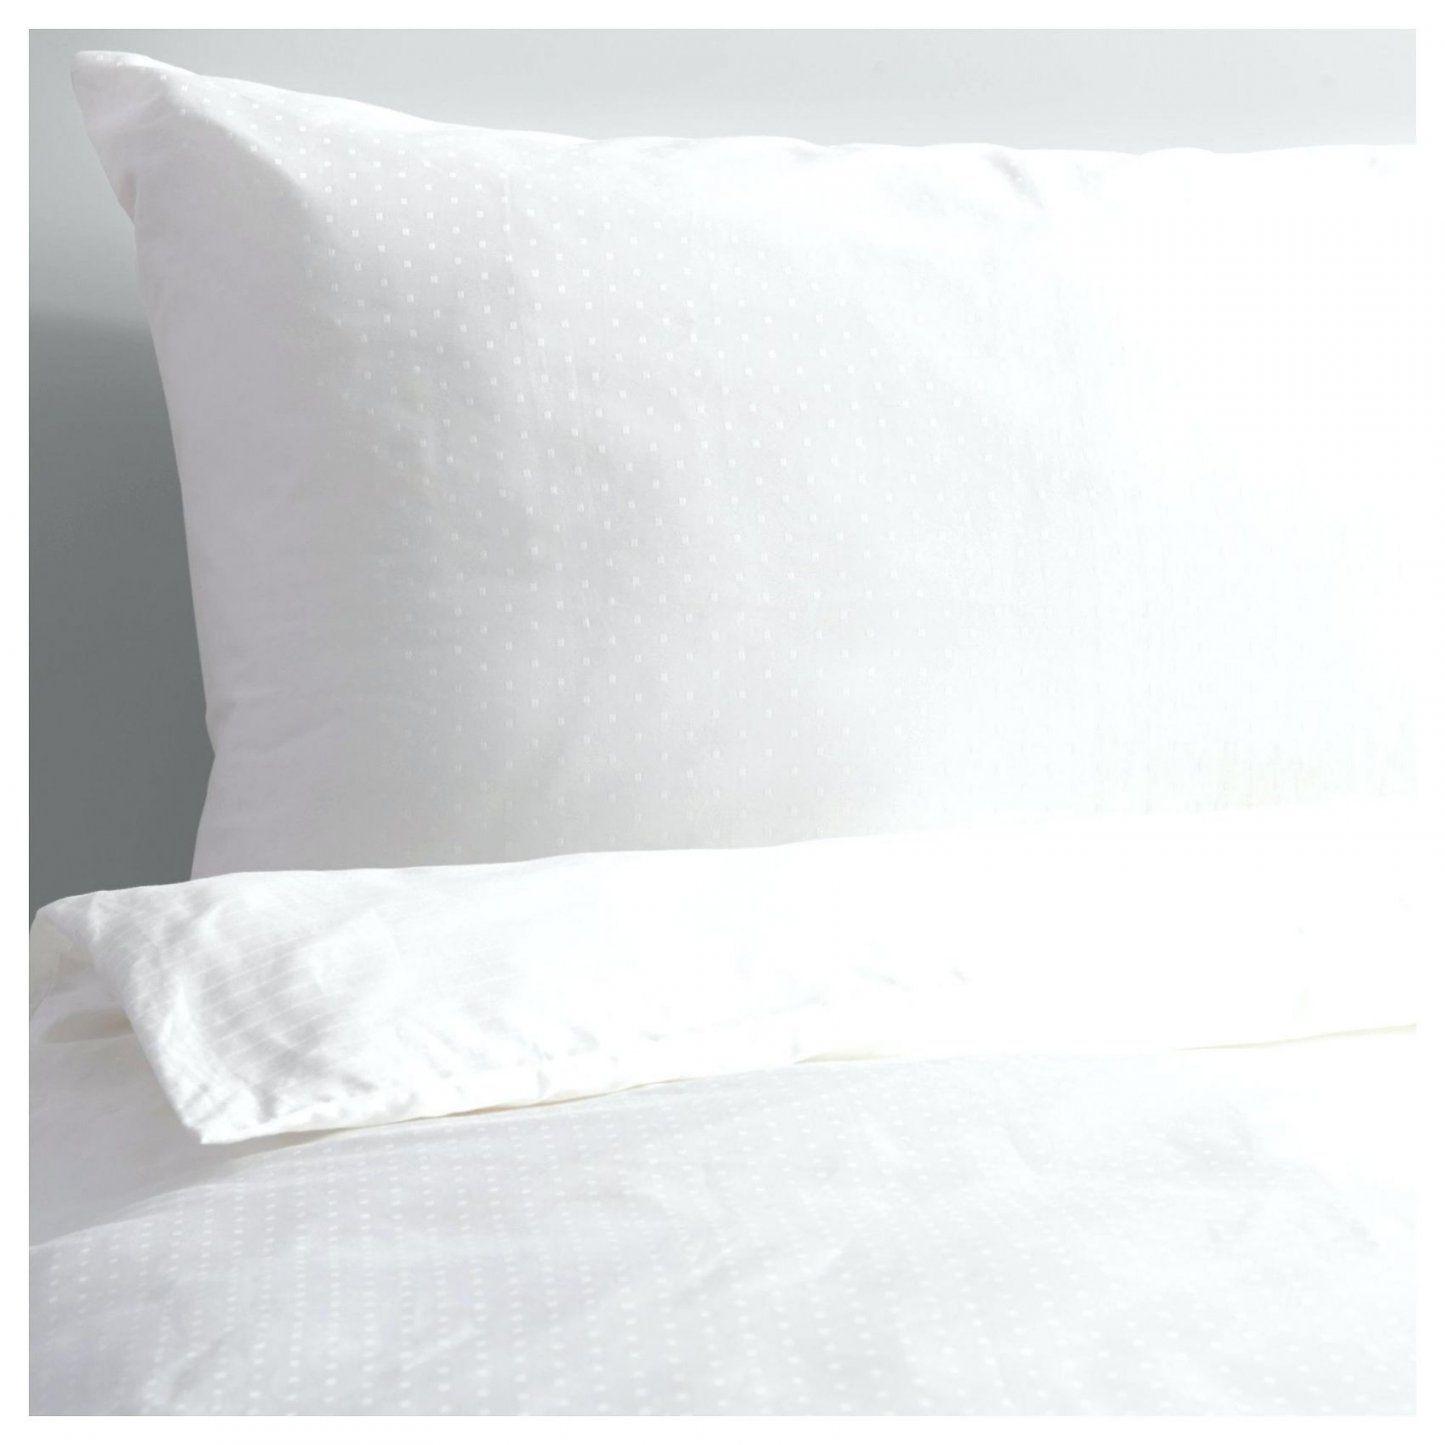 Großzügig Bettwäsche Weiß Ikea Zeitgenössisch  Hauptinnenideen von Bettwäsche Ikea 200X200 Photo